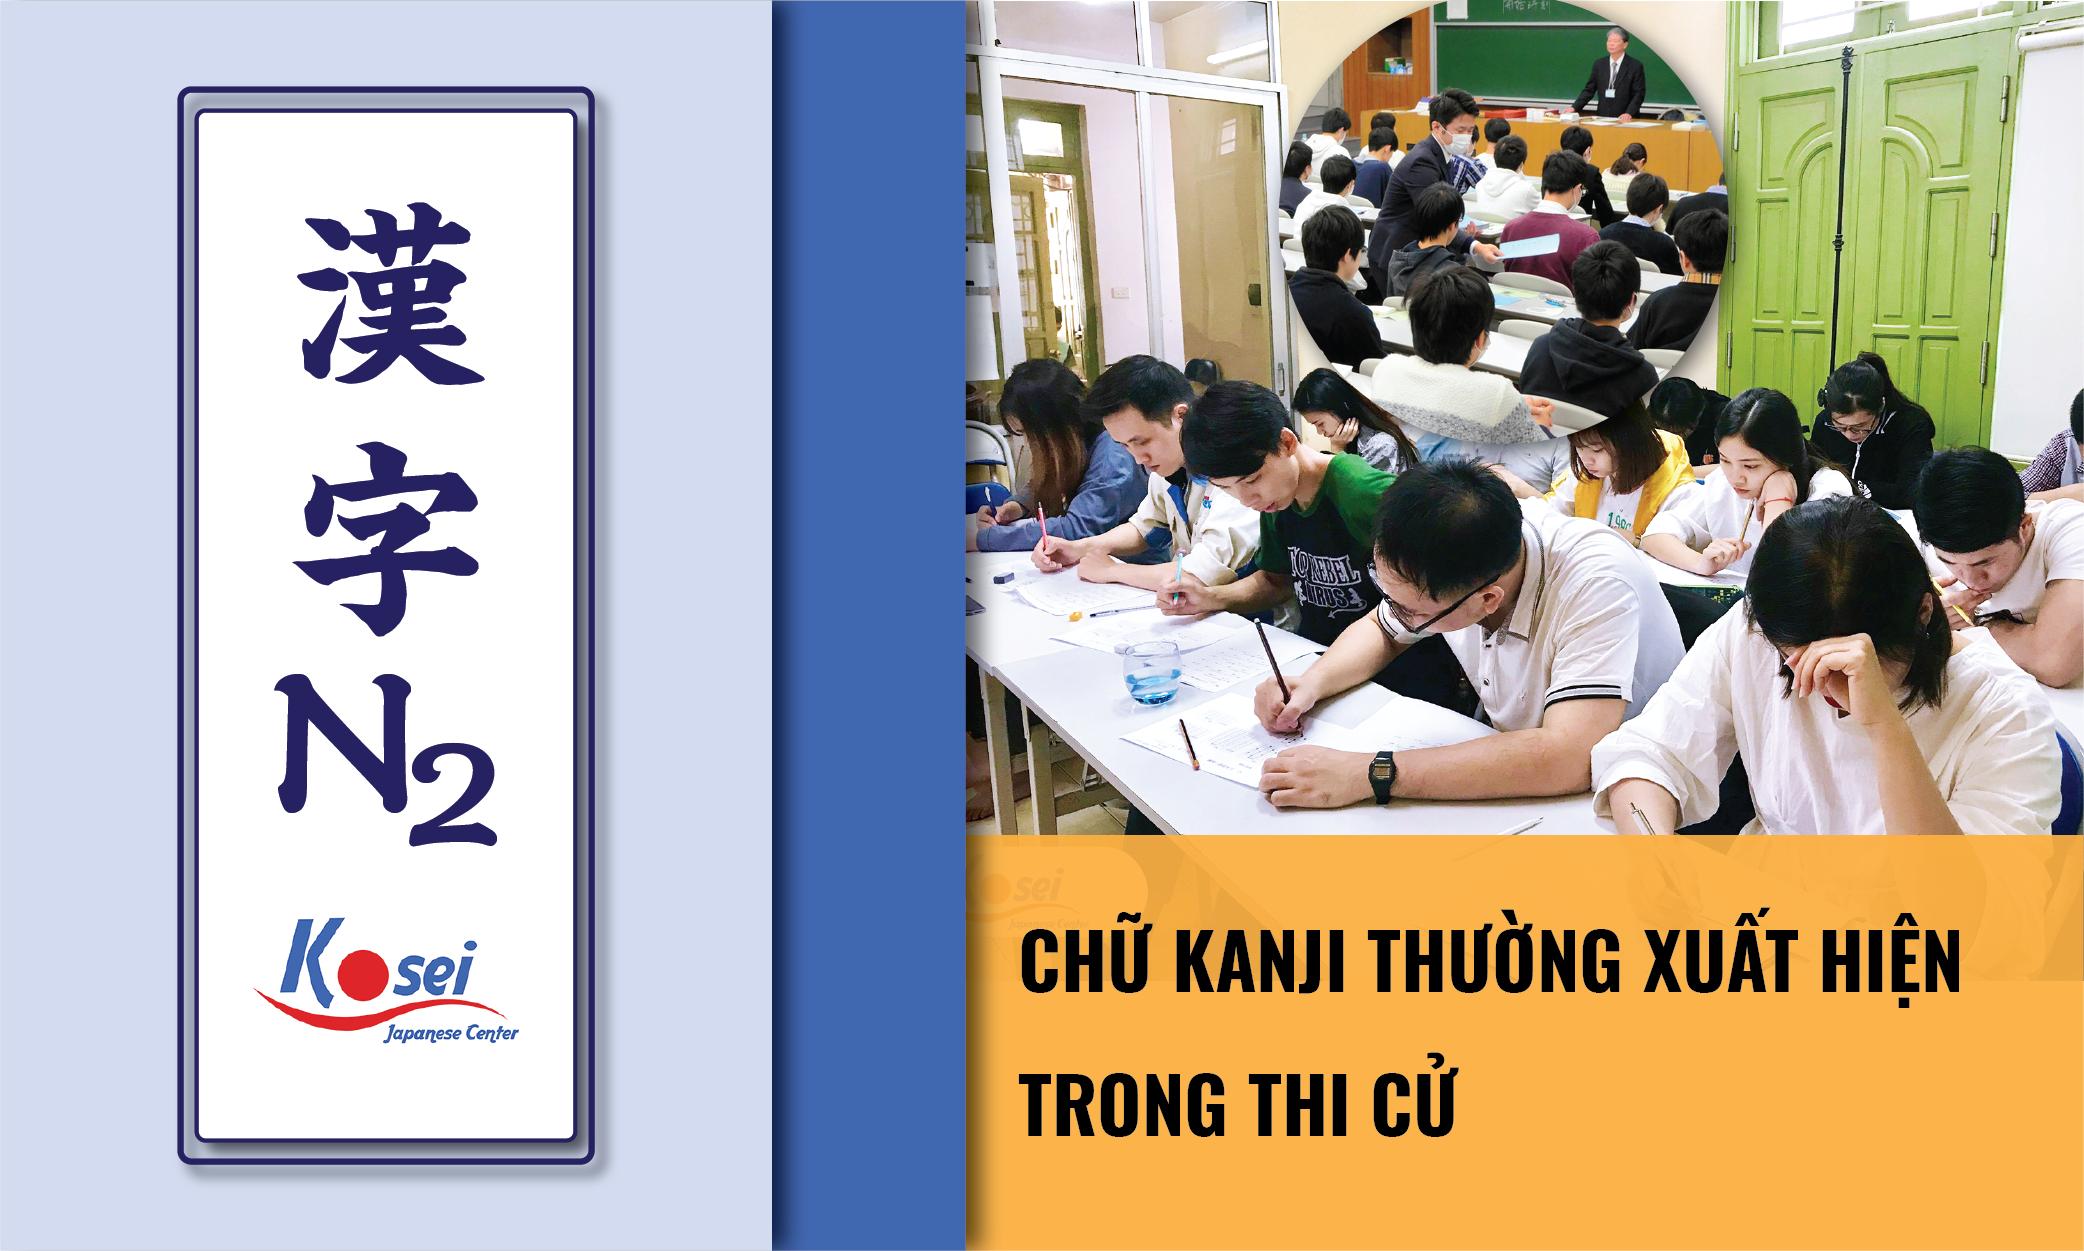 https://kosei.vn/tong-hop-kanji-n2-cac-kanji-ve-chu-de-thi-cu-n2254.html